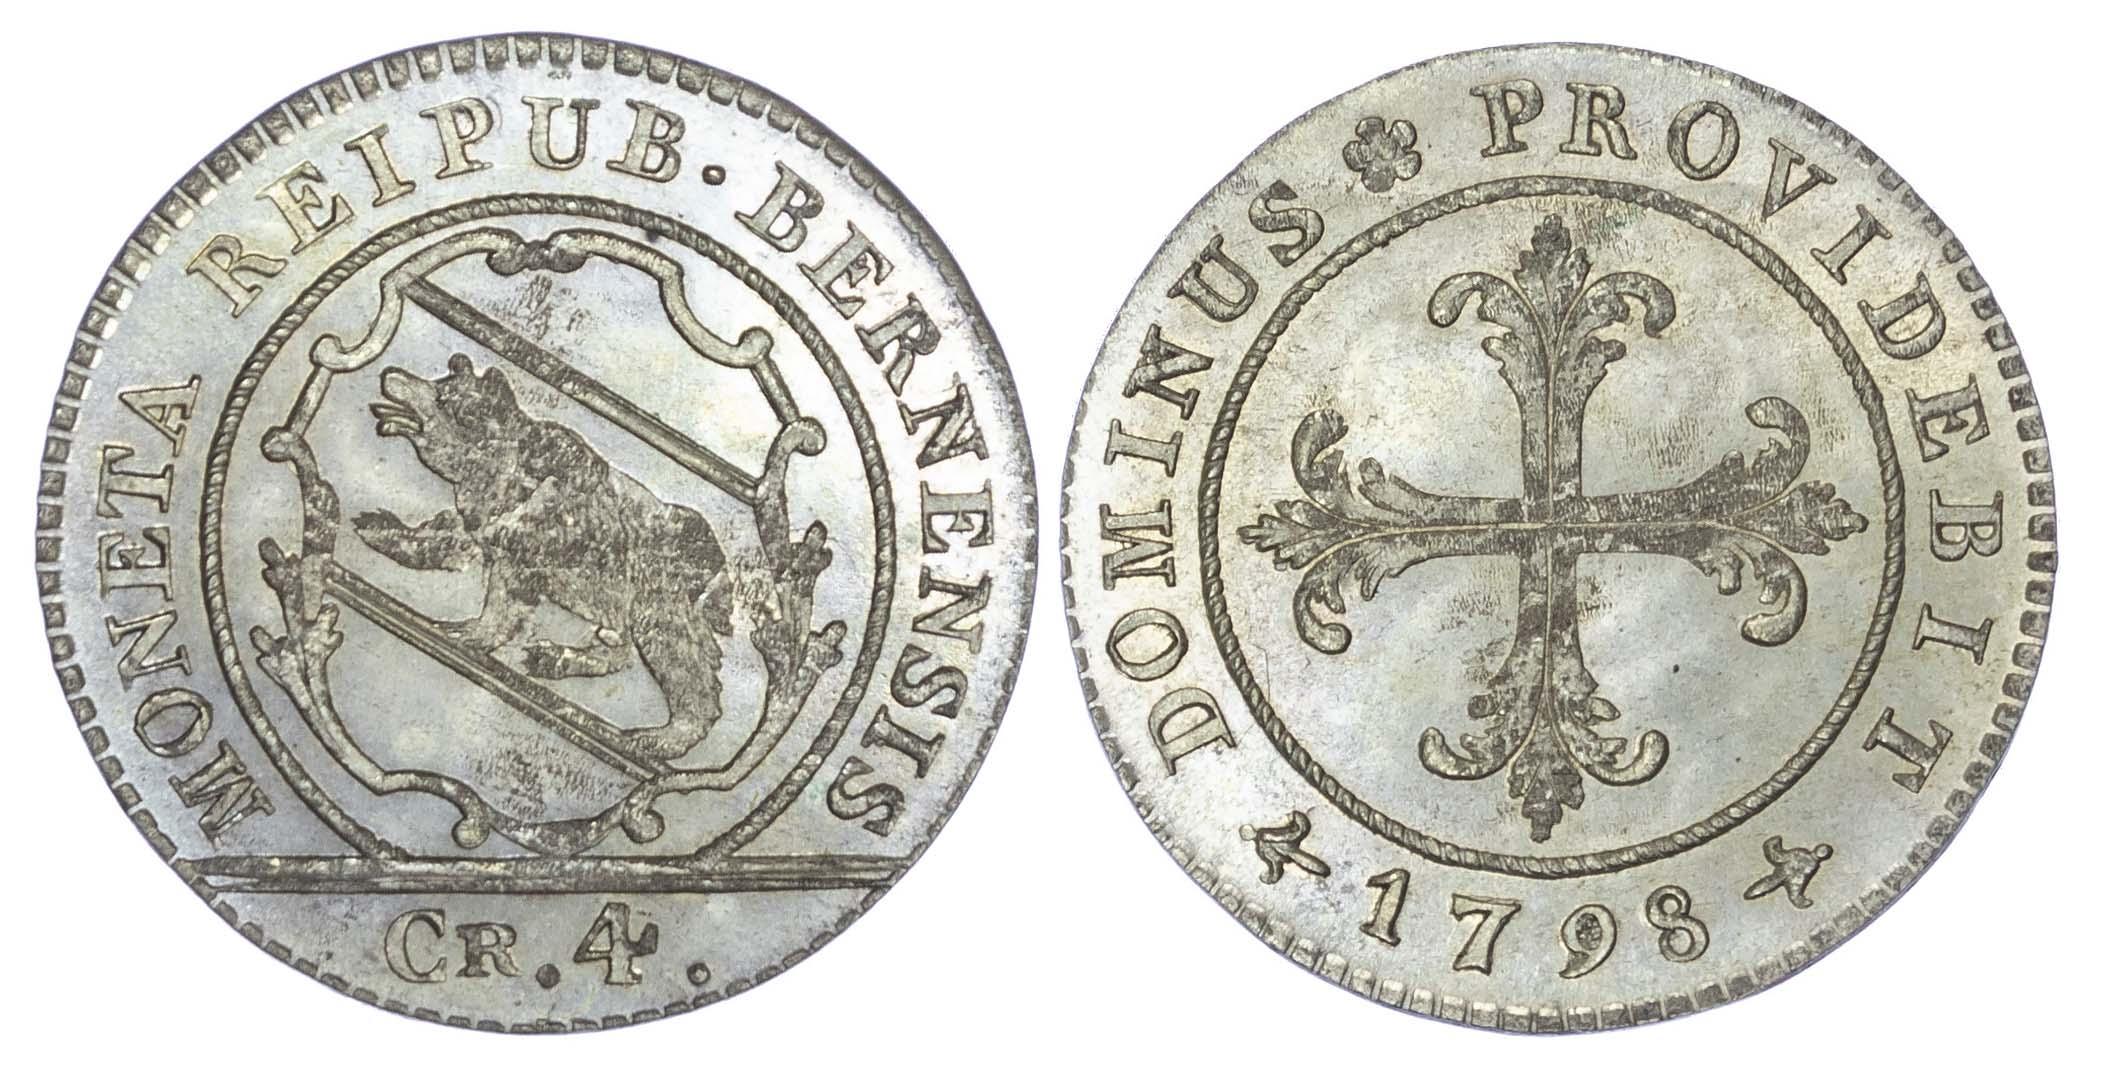 Switzerland, Bern, silver 4 Kreuzer (1 Batzen), 1798